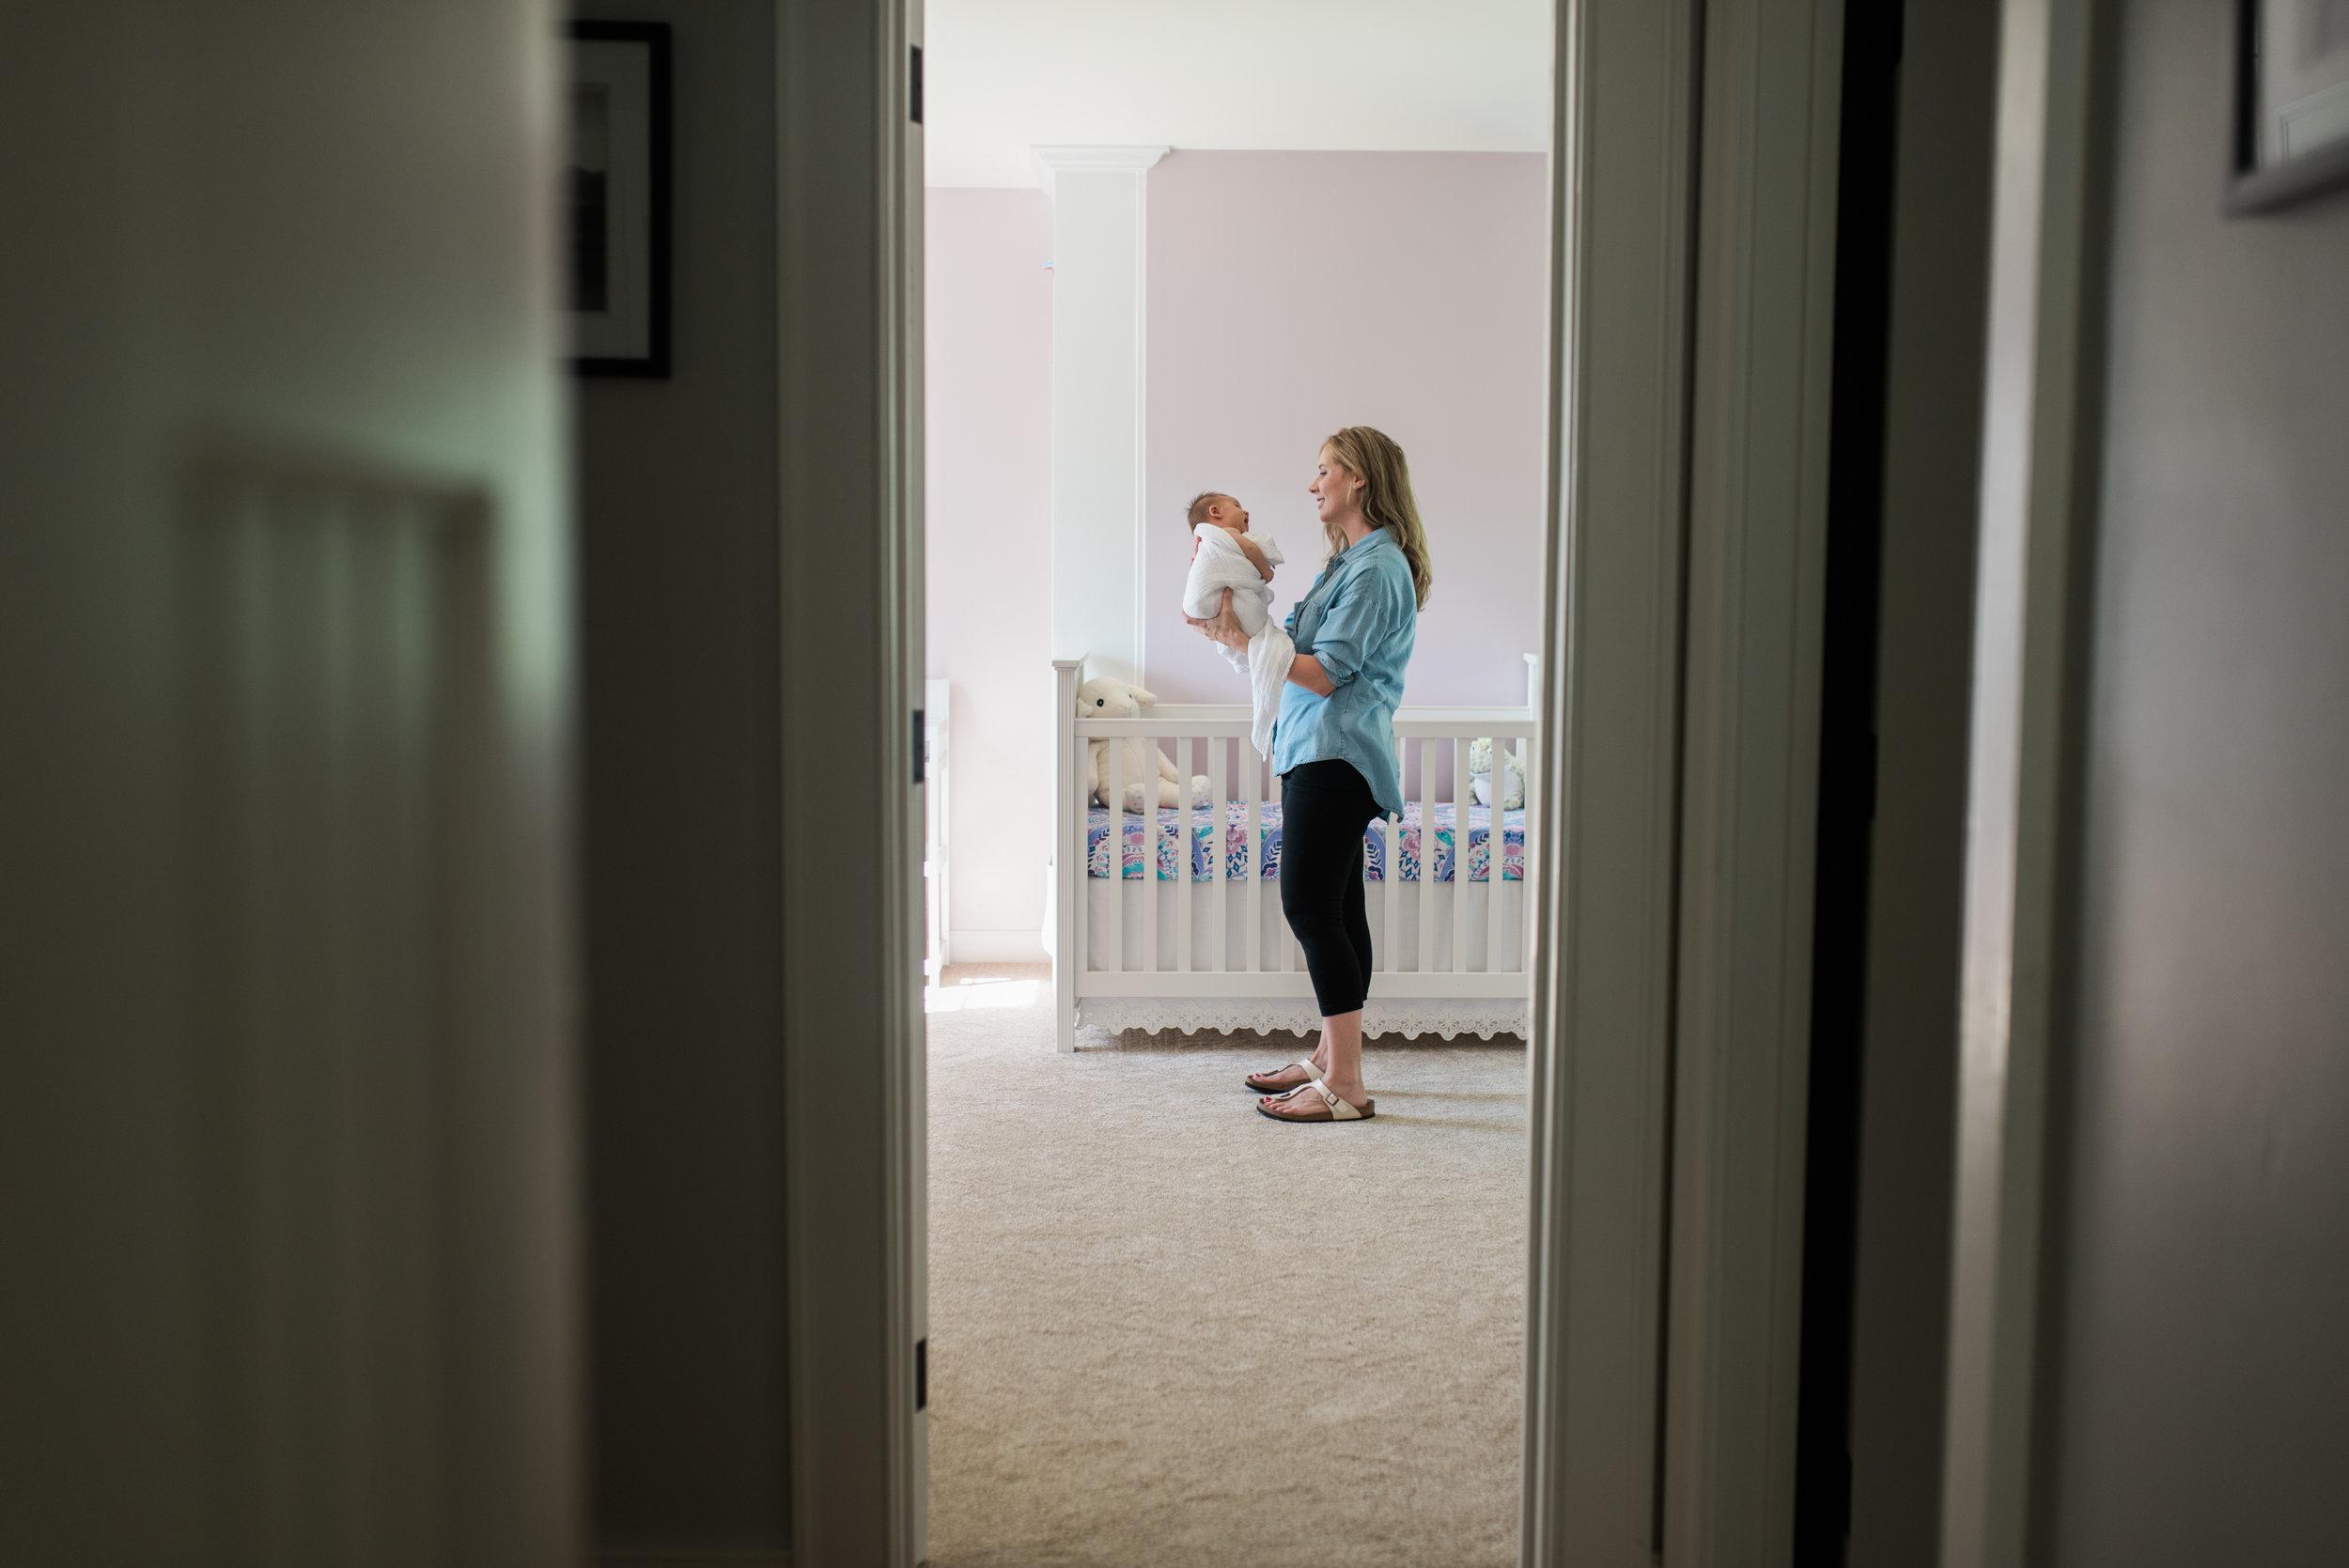 harford-county-newborn-photographer-lifestyle-breanna-kuhlmann